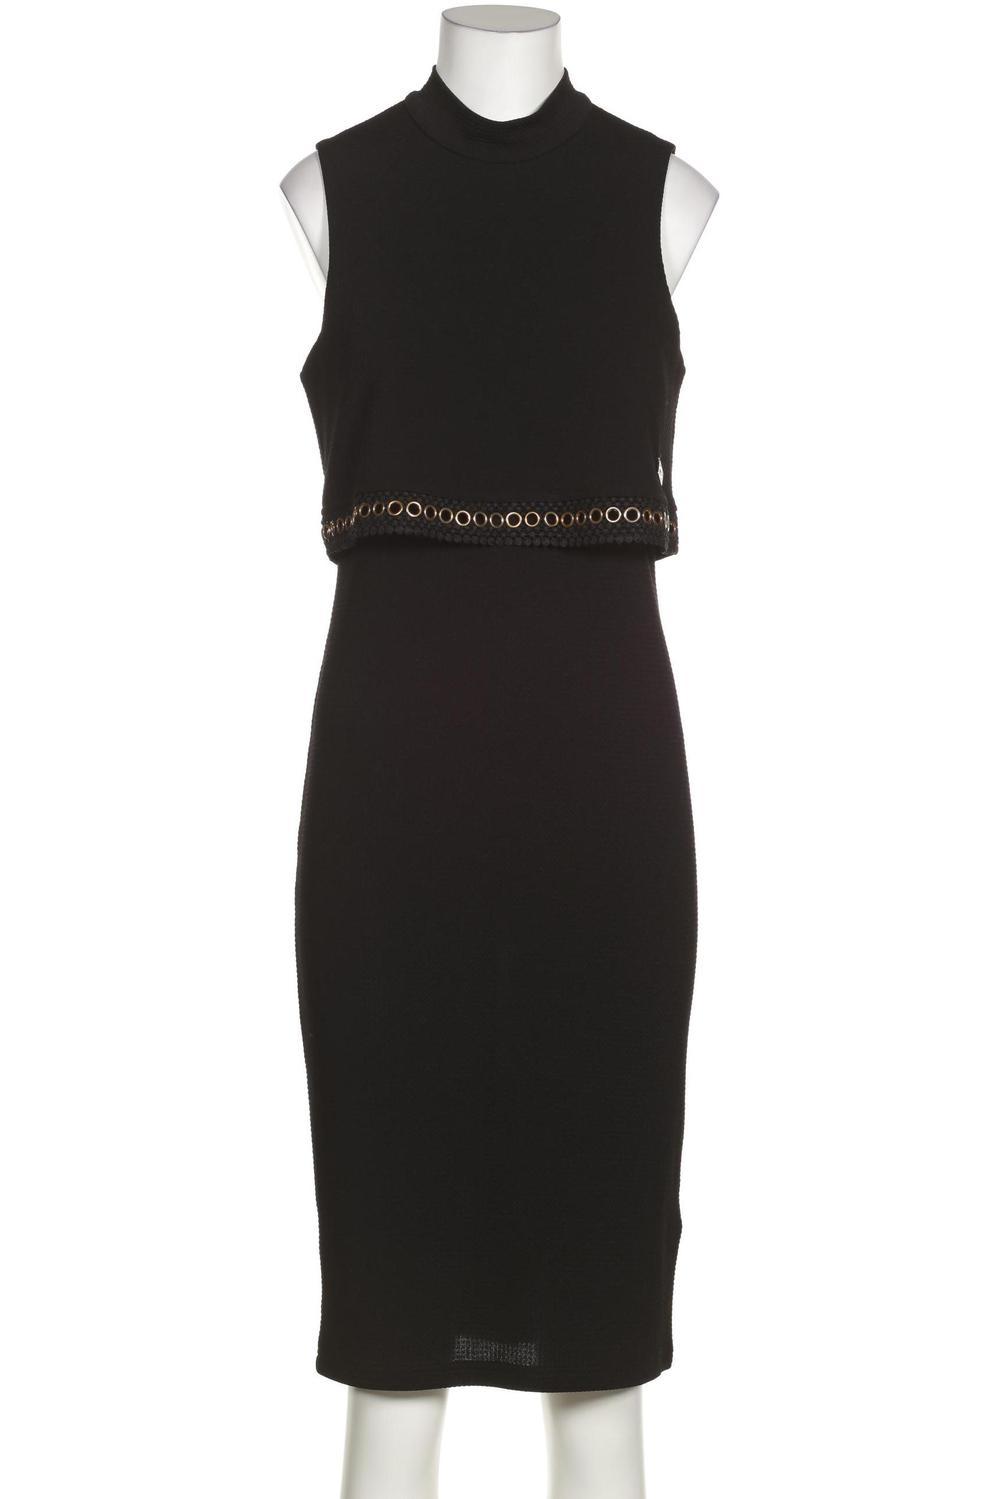 details zu gaudì kleid damen dress damenkleid gr. m elasthan schwarz  #5632734